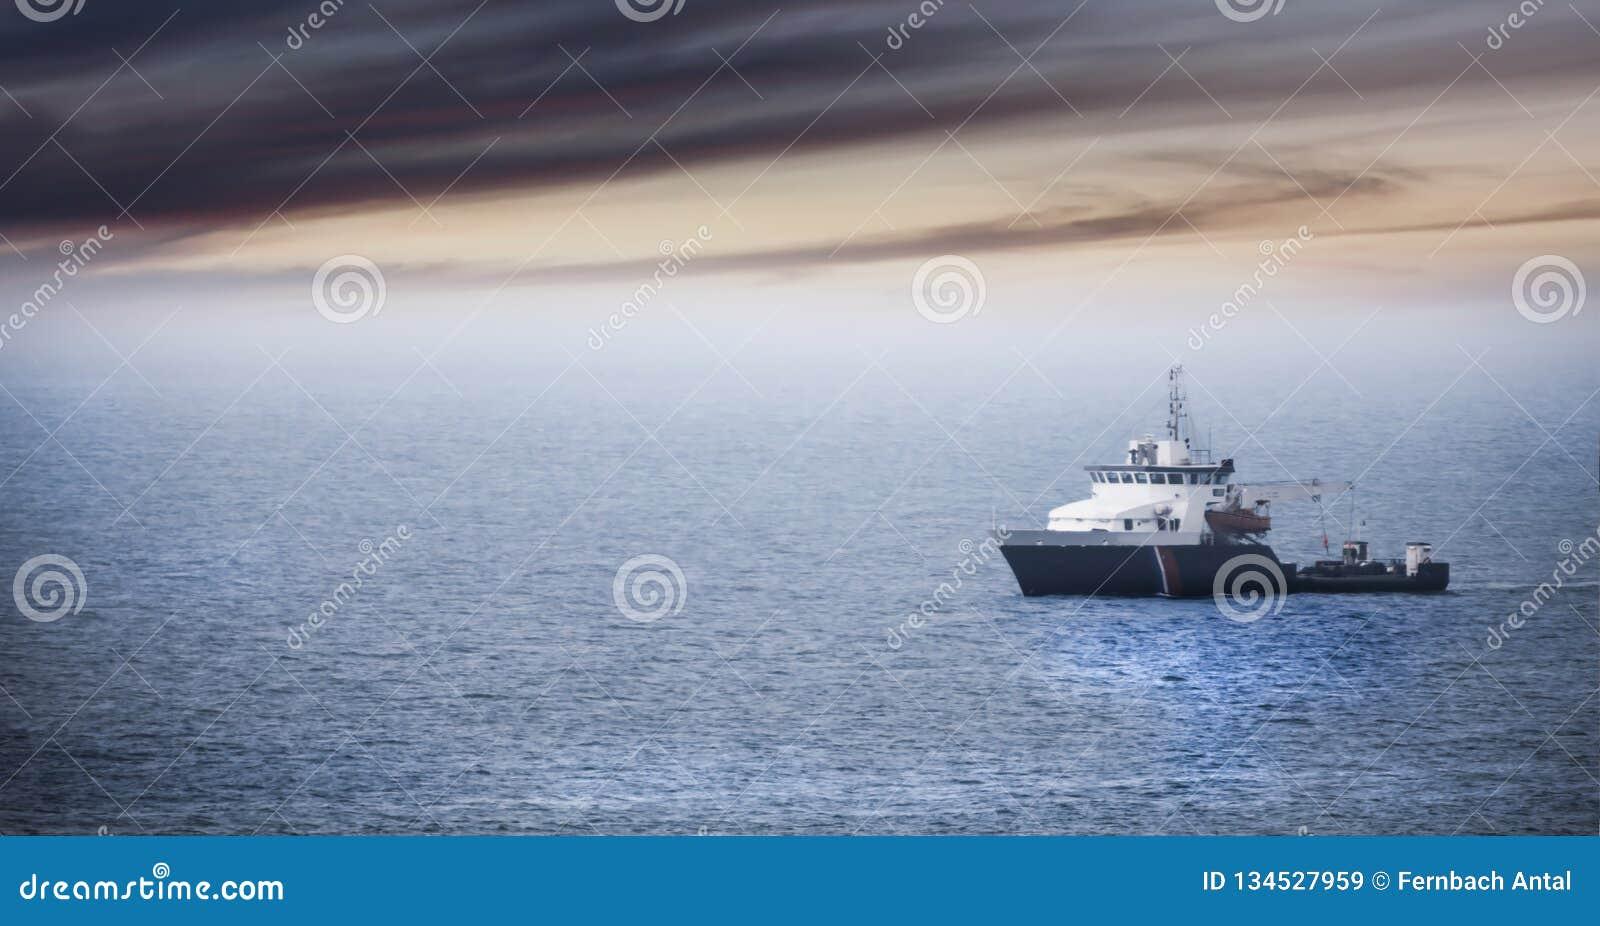 Возвращение домой: Утомленный корабль fishermans причаливая после тяжелого дня